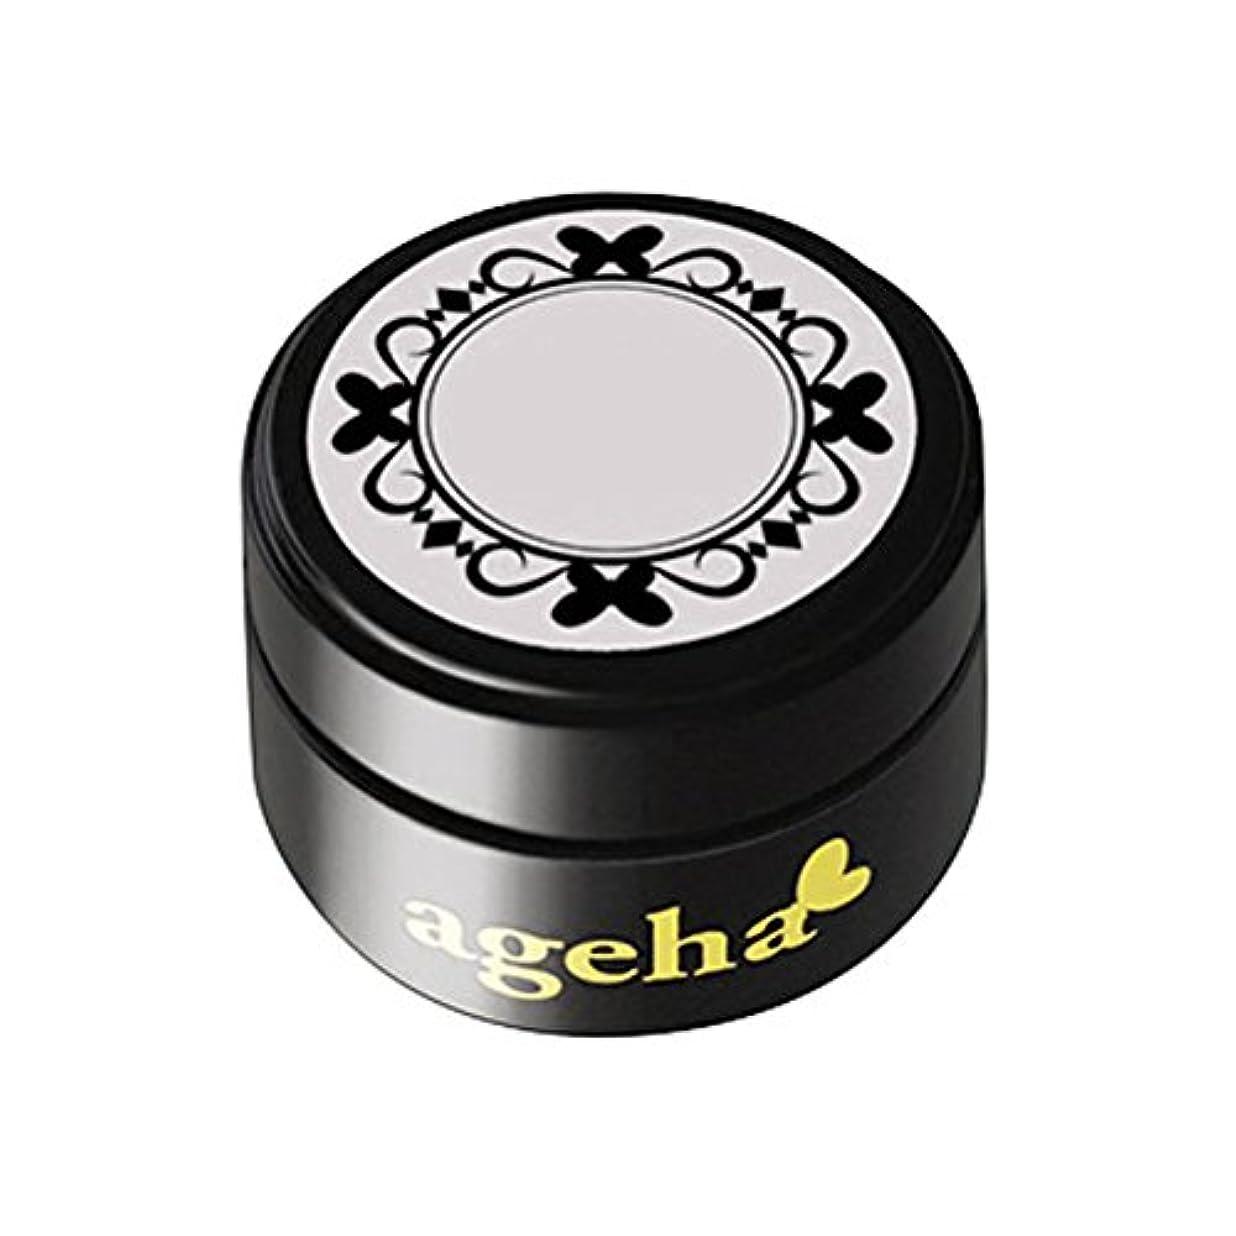 証明オピエートポンプageha gel カラージェル コスメカラー 213 ピーチブロッサム 2.7g UV/LED対応